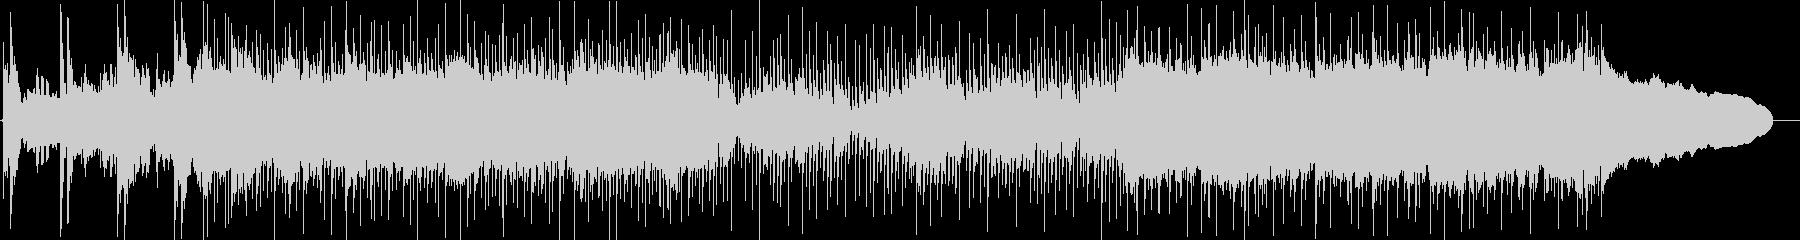 篠笛、琴、三味線、和太鼓のメタルサウンドの未再生の波形